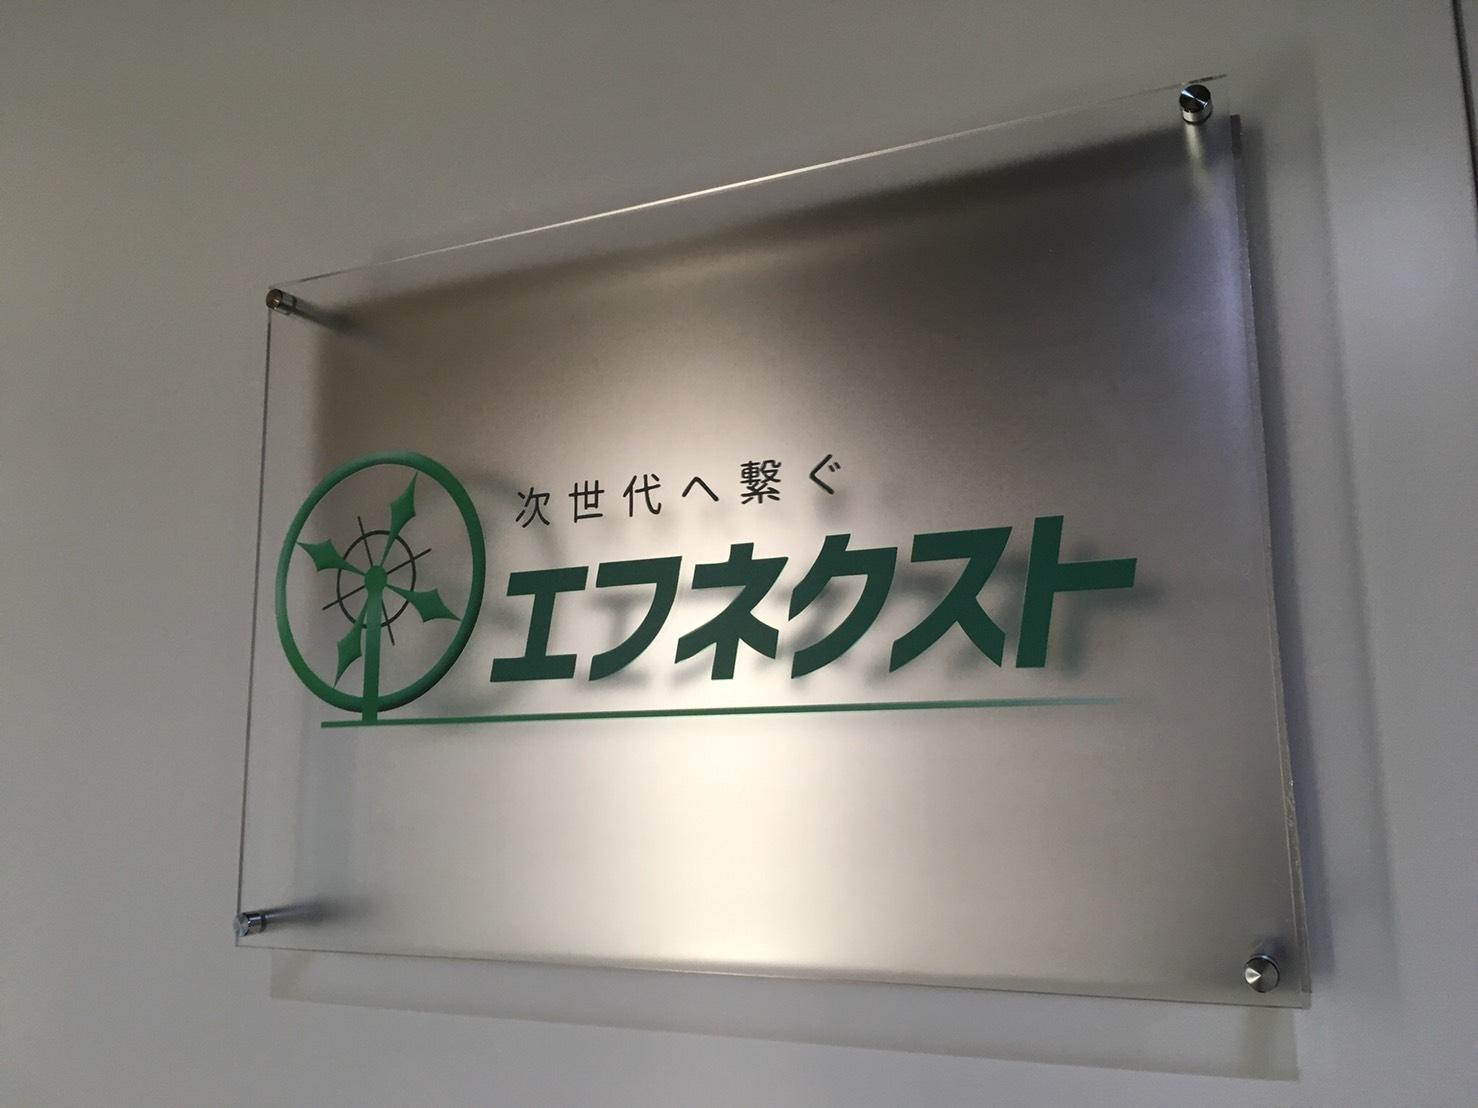 エフネクスト福岡営業所